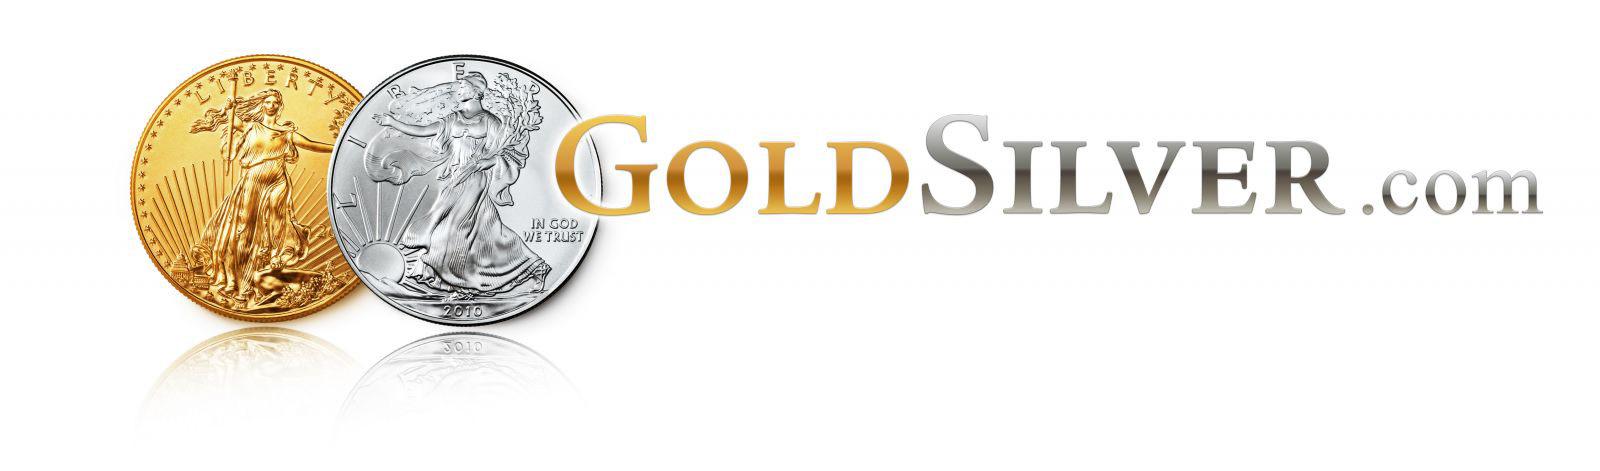 logo-goldsilver.jpg